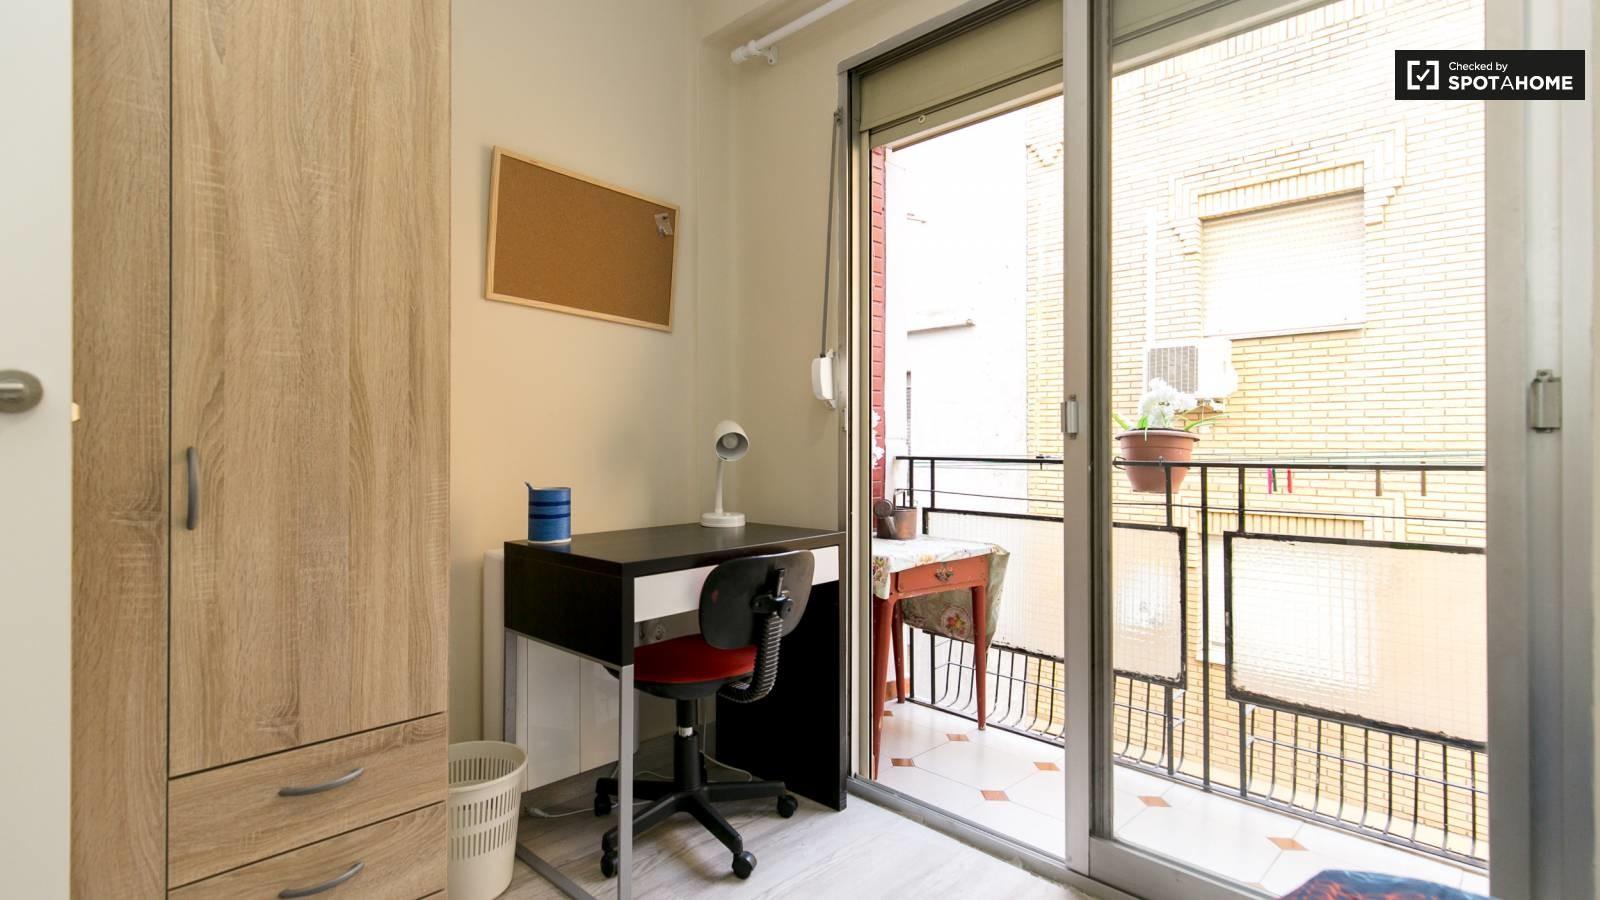 Habitación de lujo junto a Medac, Bellas Artes e Informática. TO